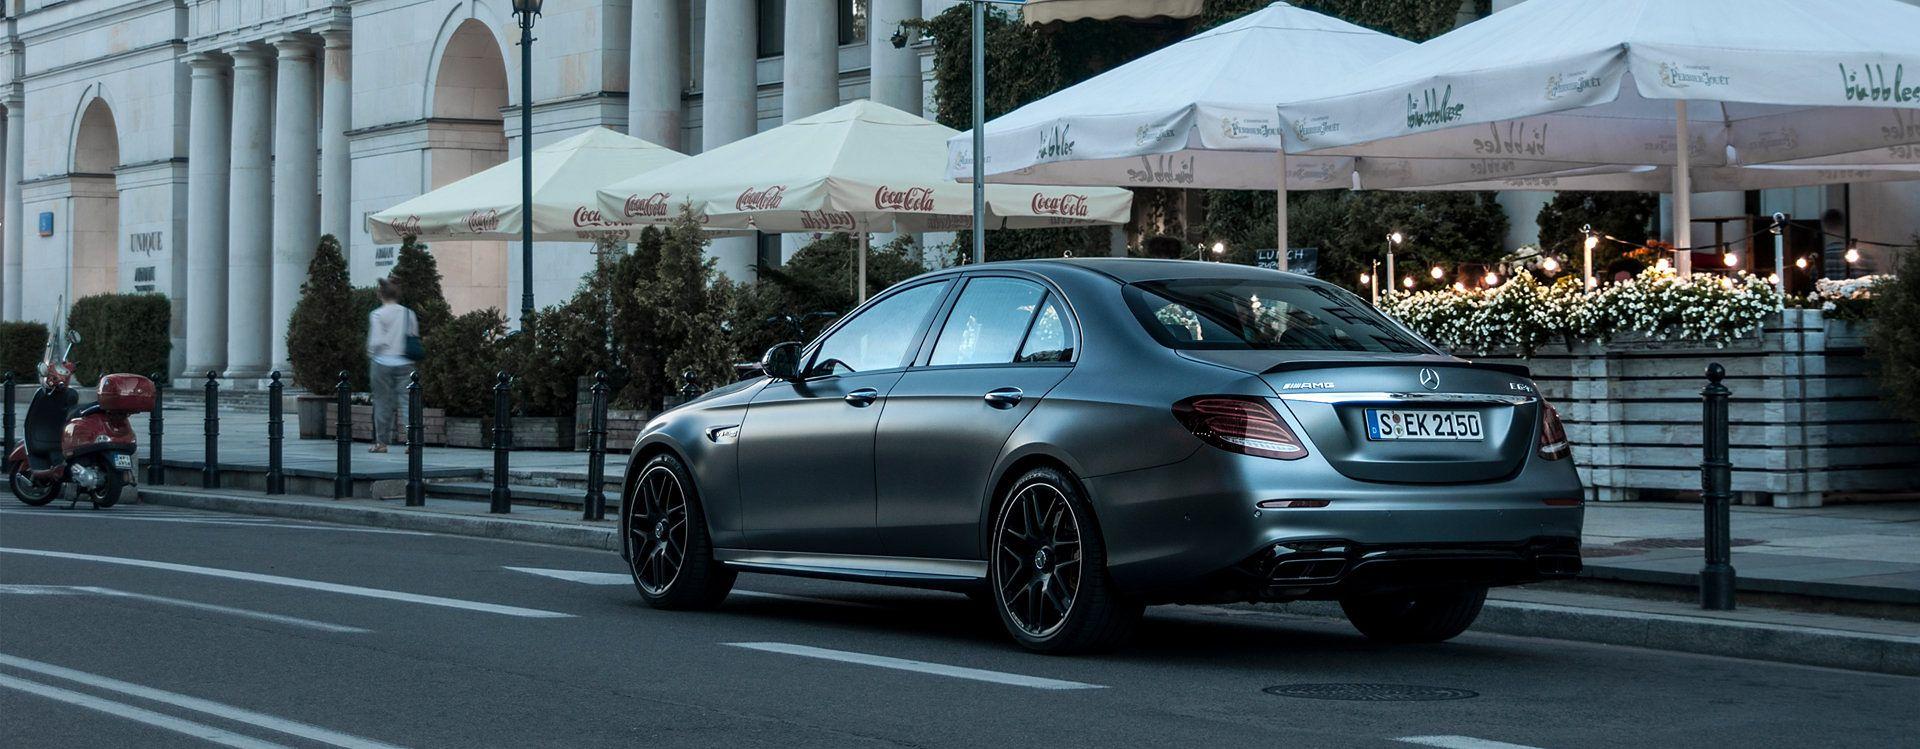 Mocarna limuzyna Mercedesa nie zapowiada swoim wyglądem tak ekstremalnych doznań za kierownicą